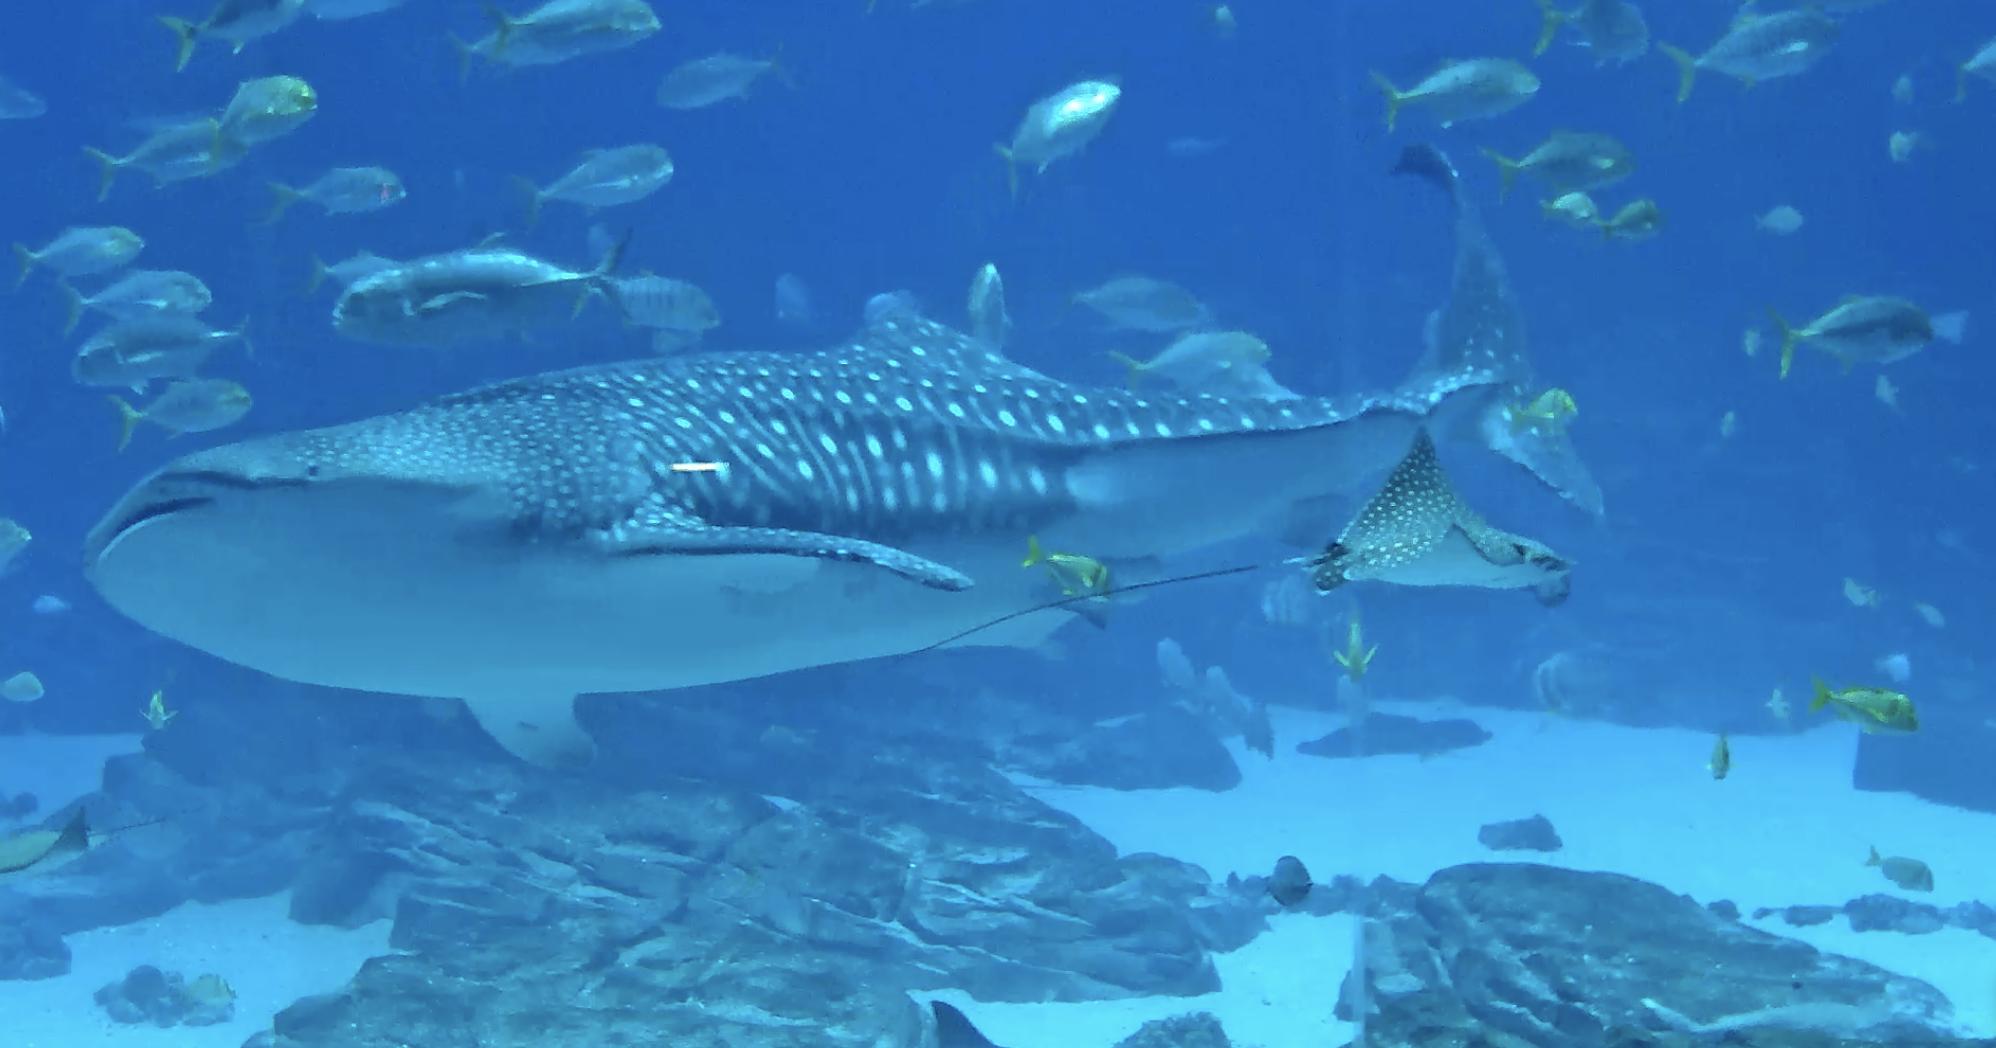 Georgia Aquarium Ocean Voyager Live Streaming.png